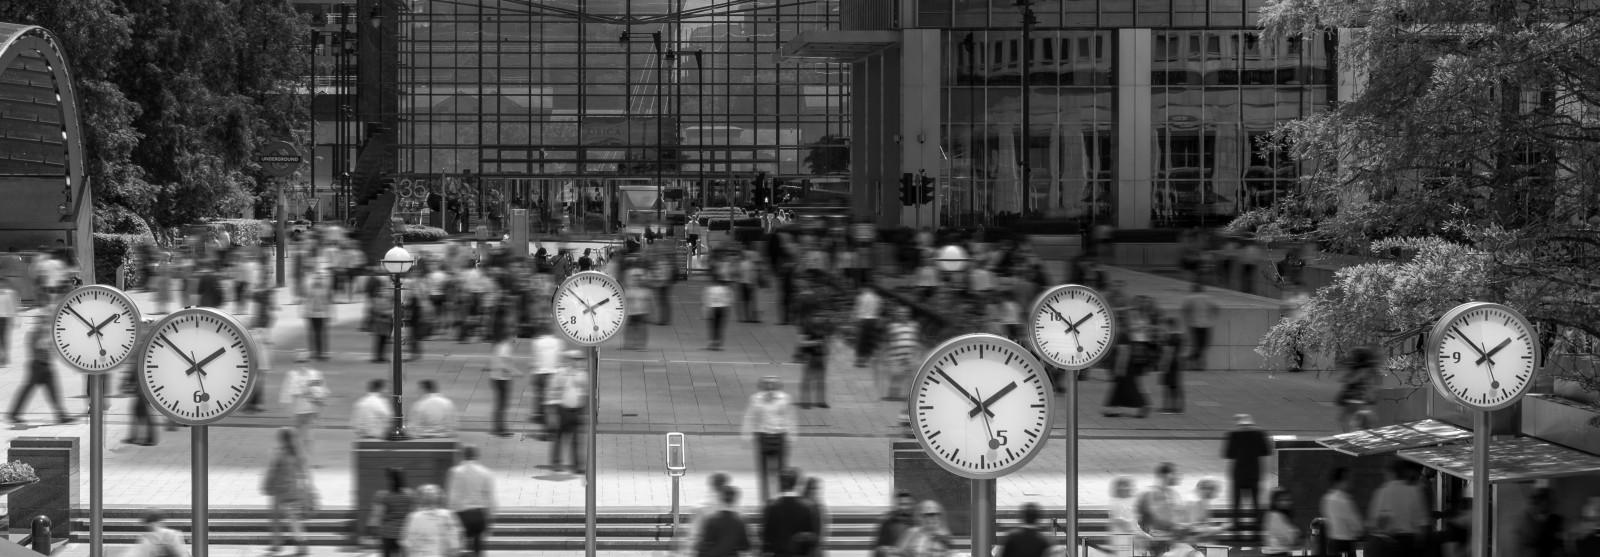 MONO - Clocks by John Sullivan (10 marks)